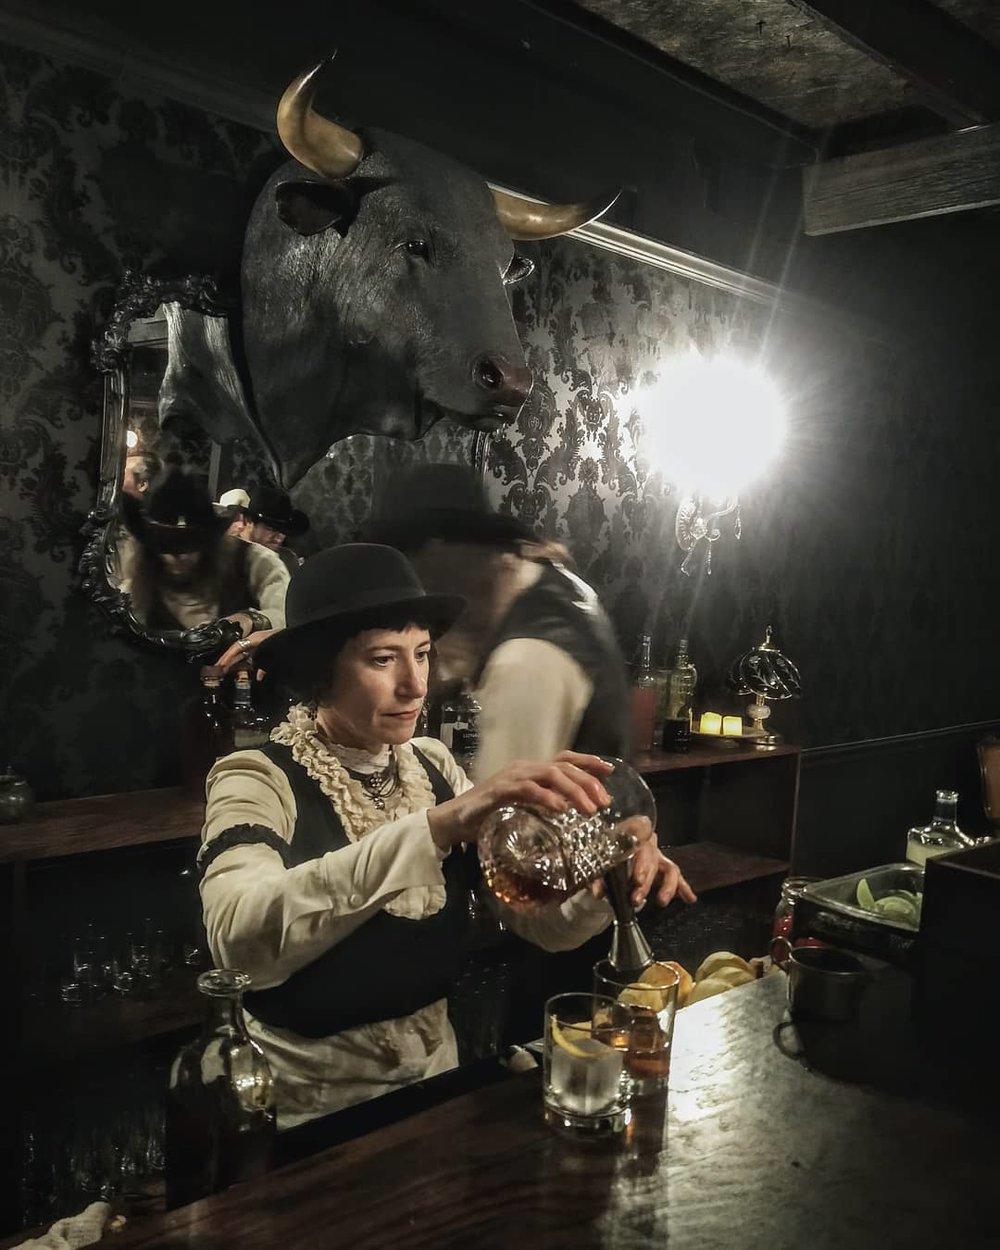 Drink Slingers Austin Event Bartenders Image 8